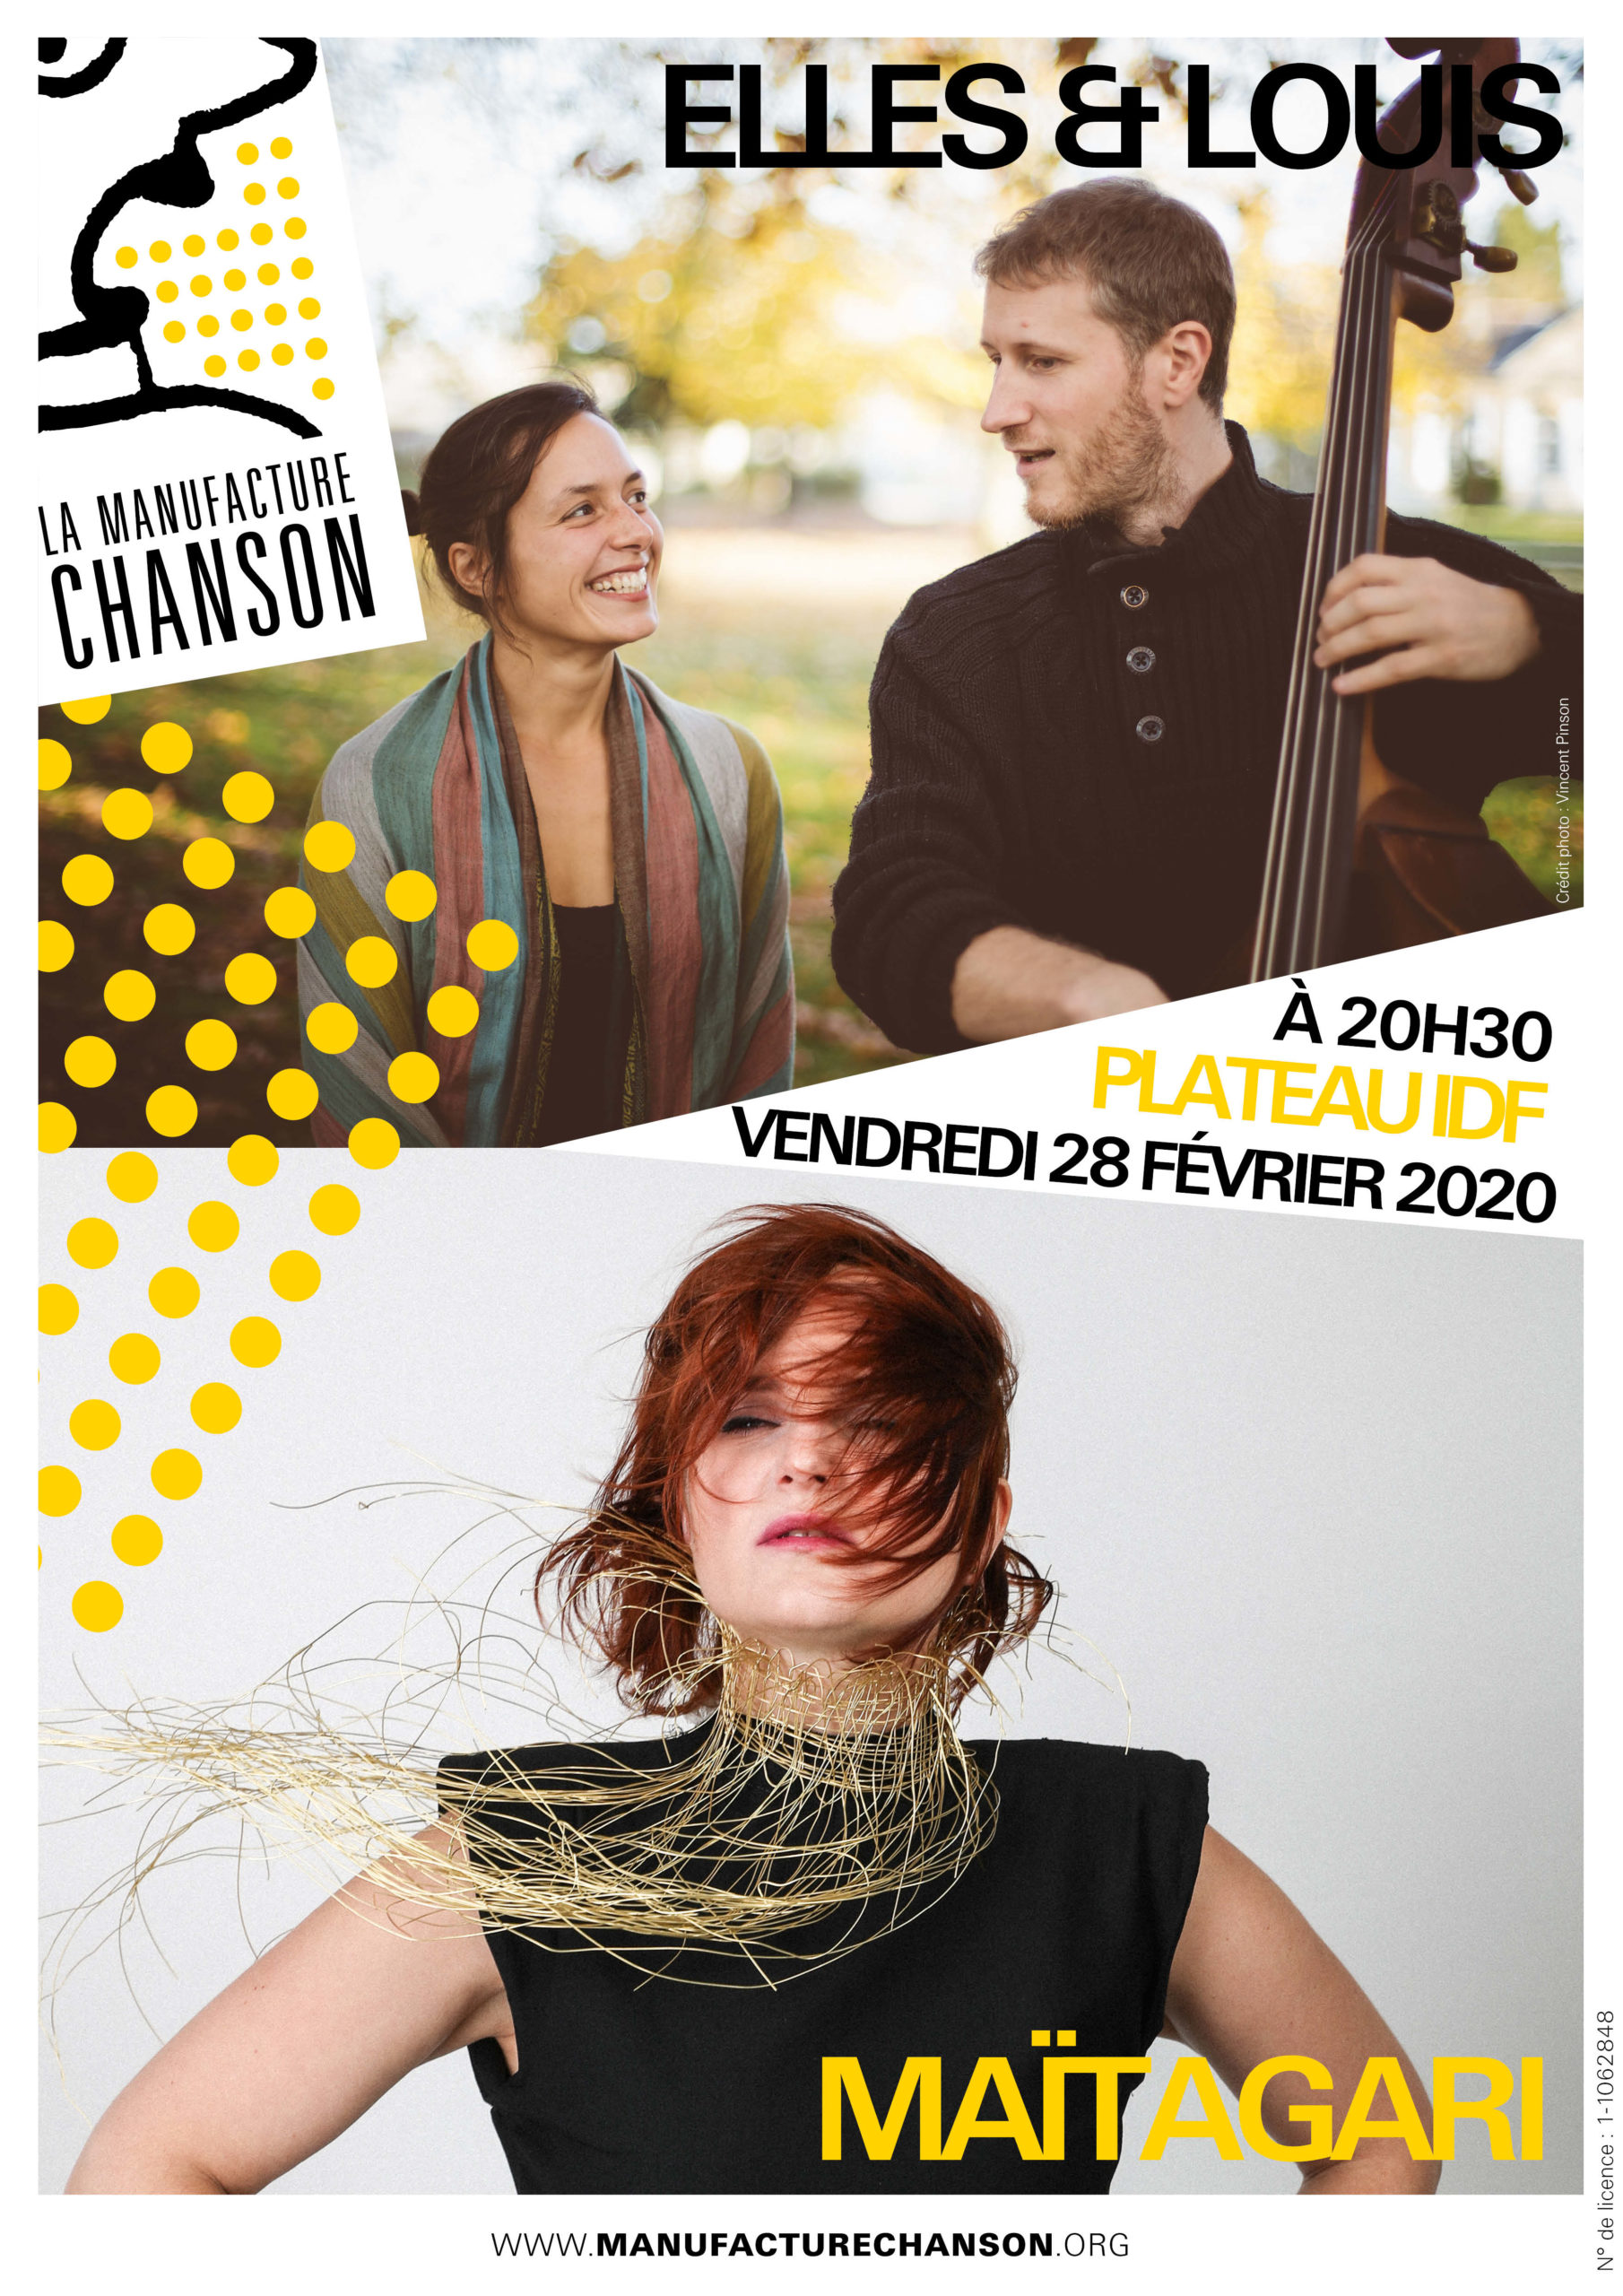 ELLES & LOUIS + MAÏTAGARI LA MANUFACTURE CHANSON